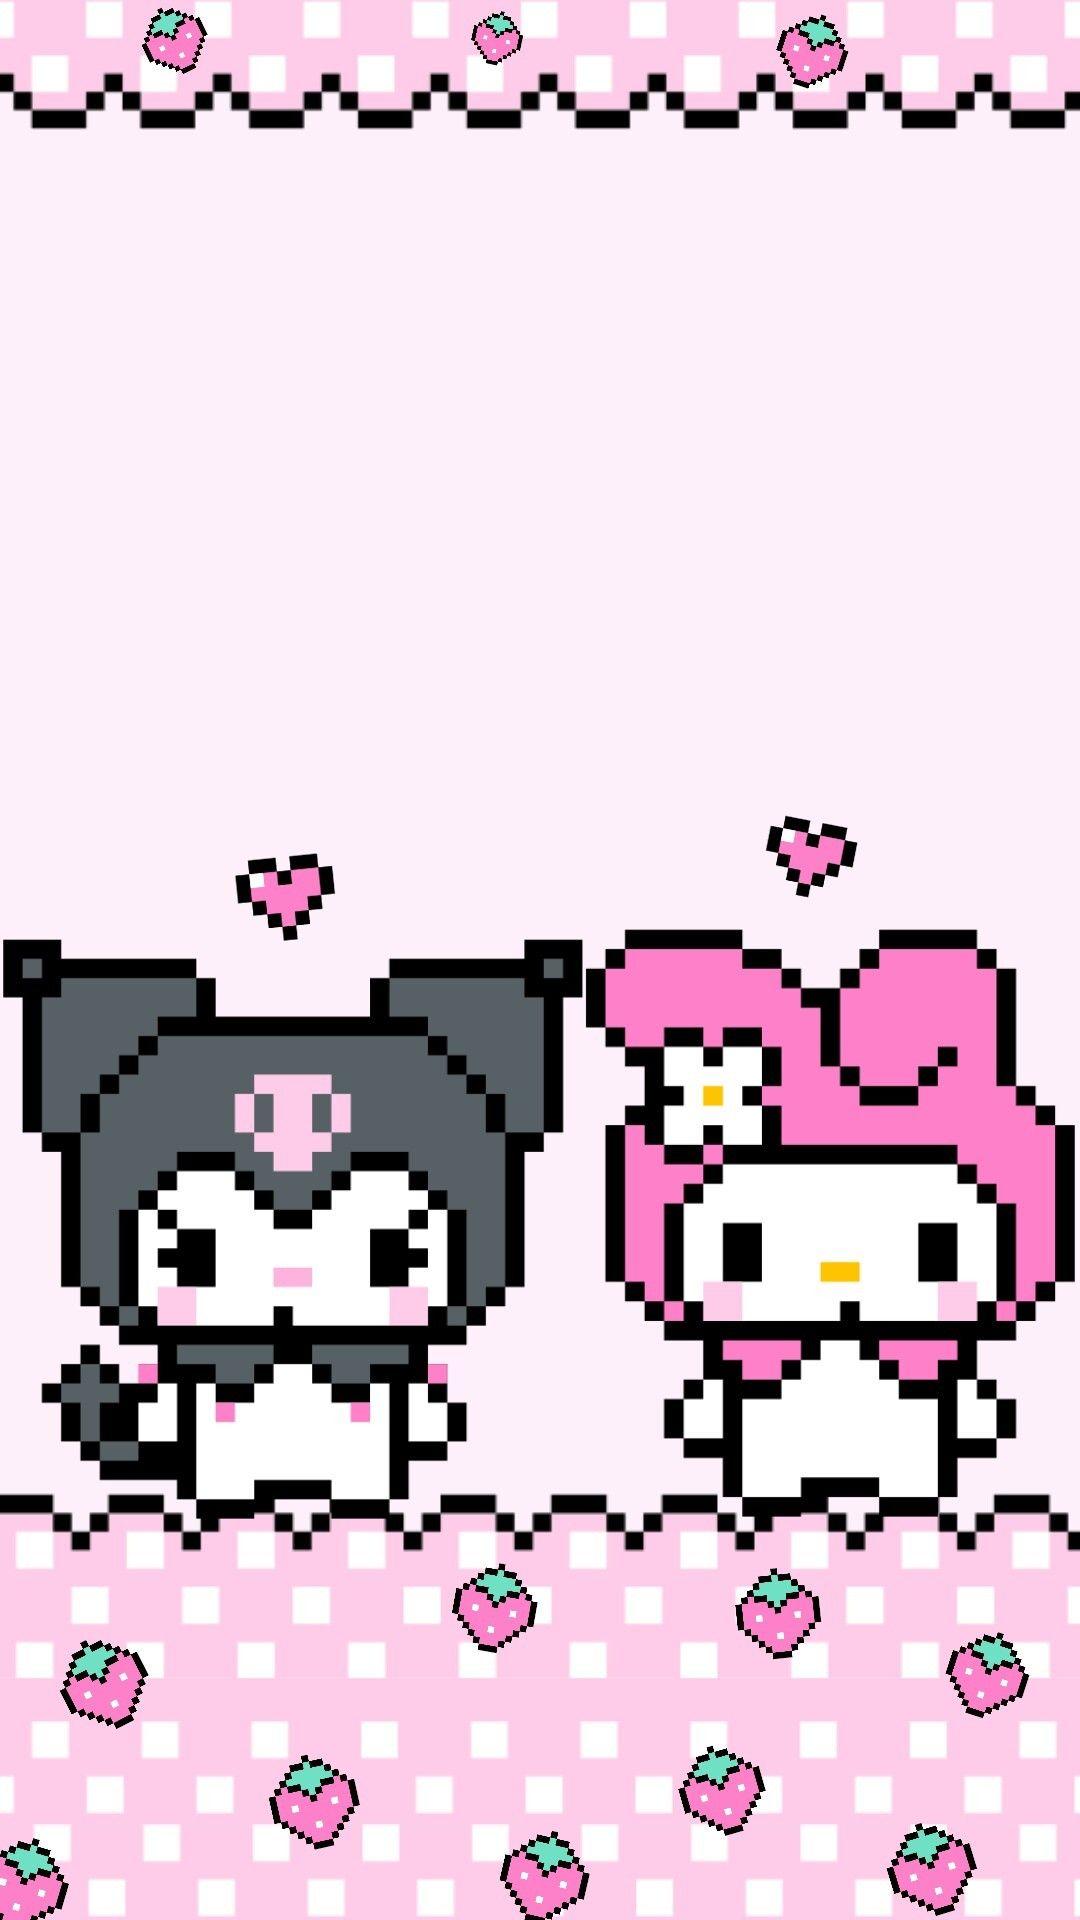 🌸sesshoumaru🌸 — Kuromi and My melody 8bit